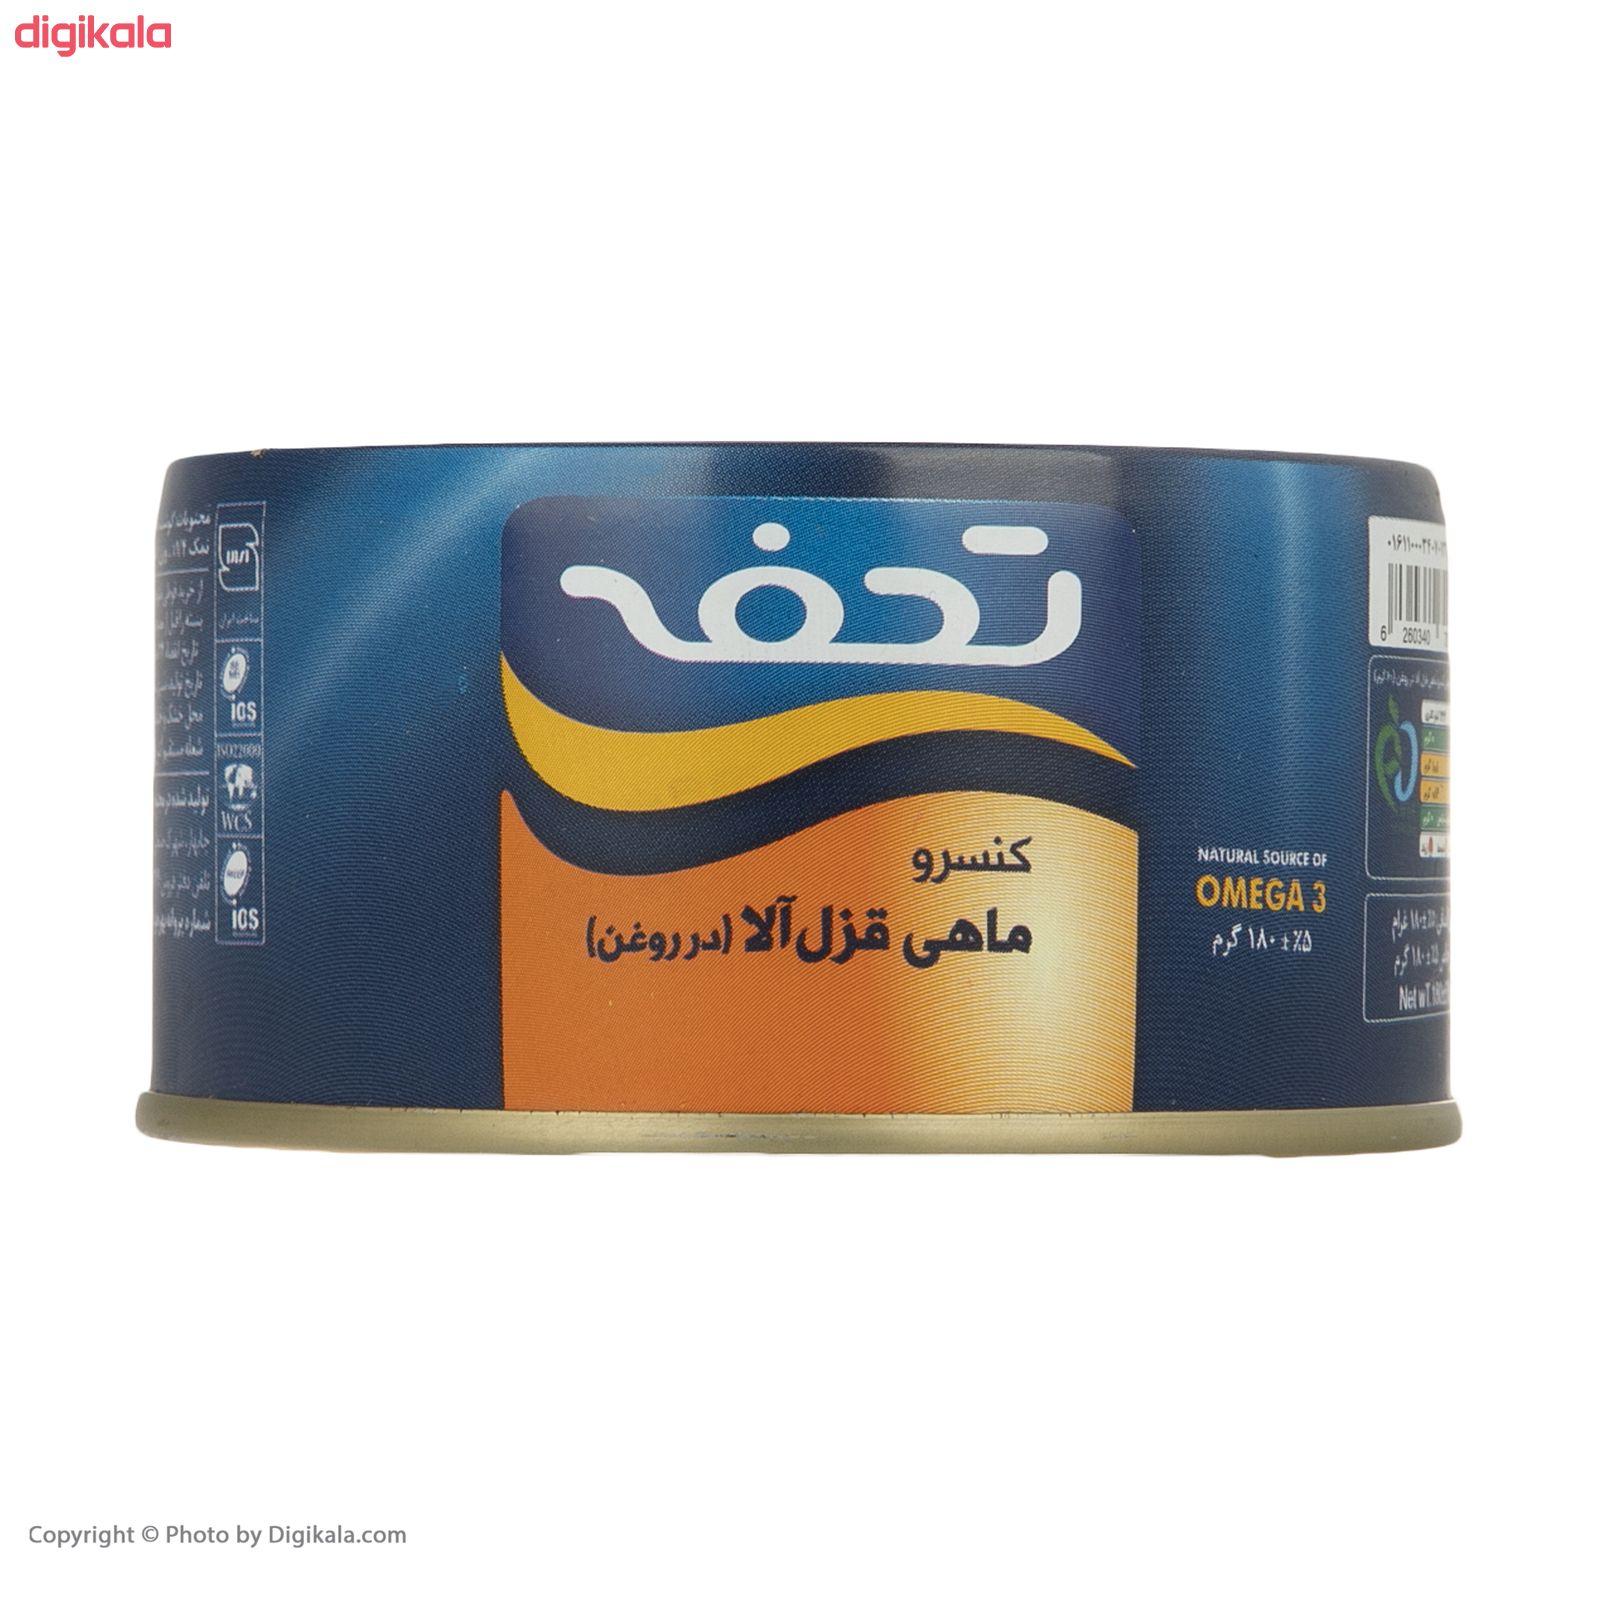 کنسرو ماهی قزل آلا در روغن تحفه - 180 گرم main 1 5